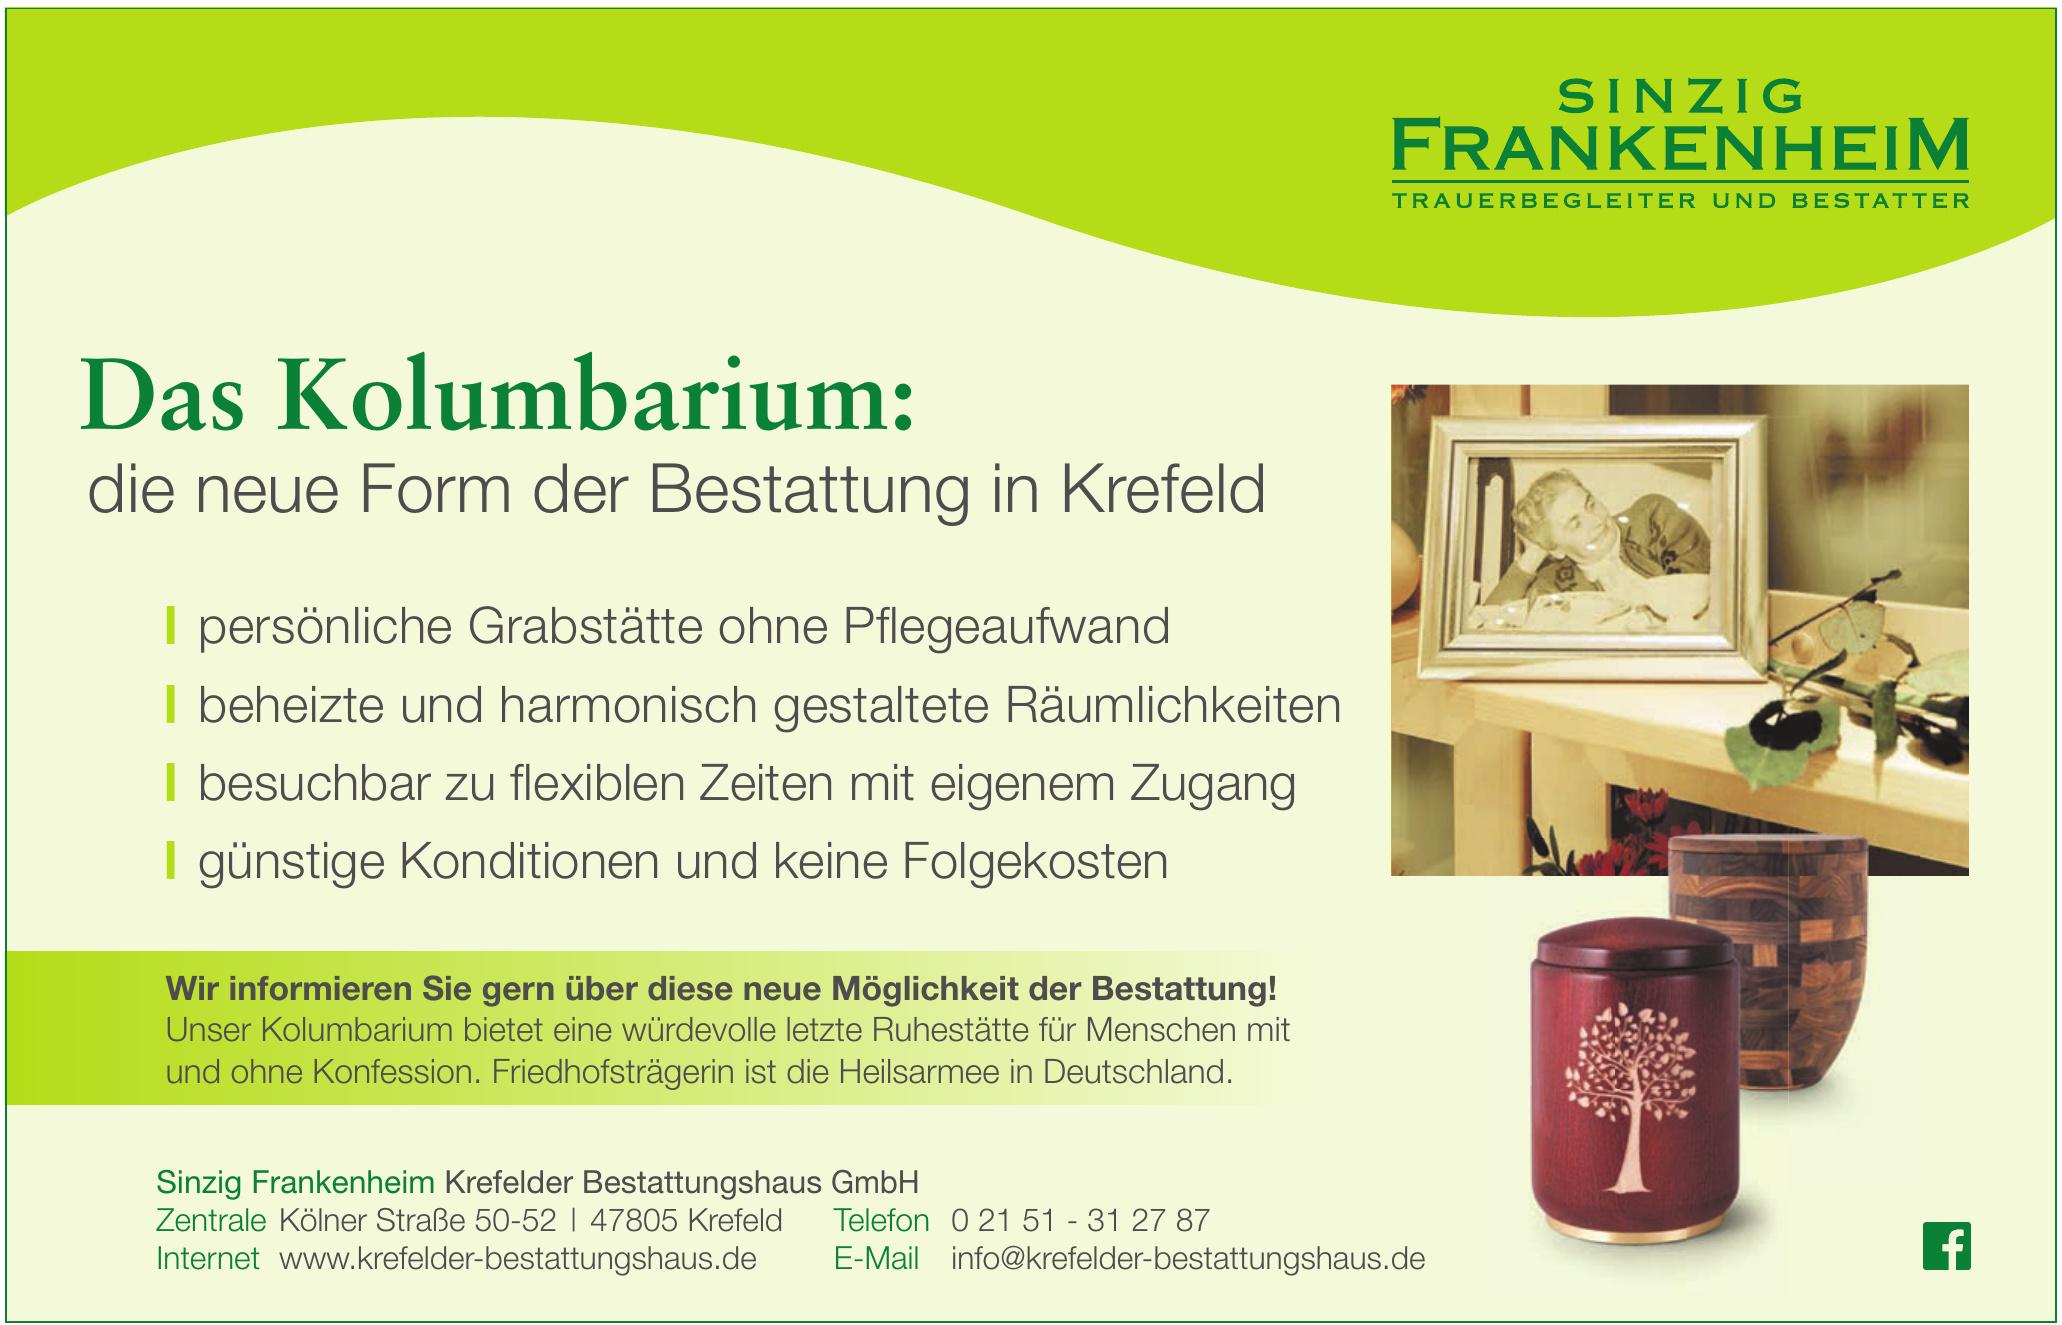 Sinzig Frankenheim Krefelder Bestattungshaus GmbH